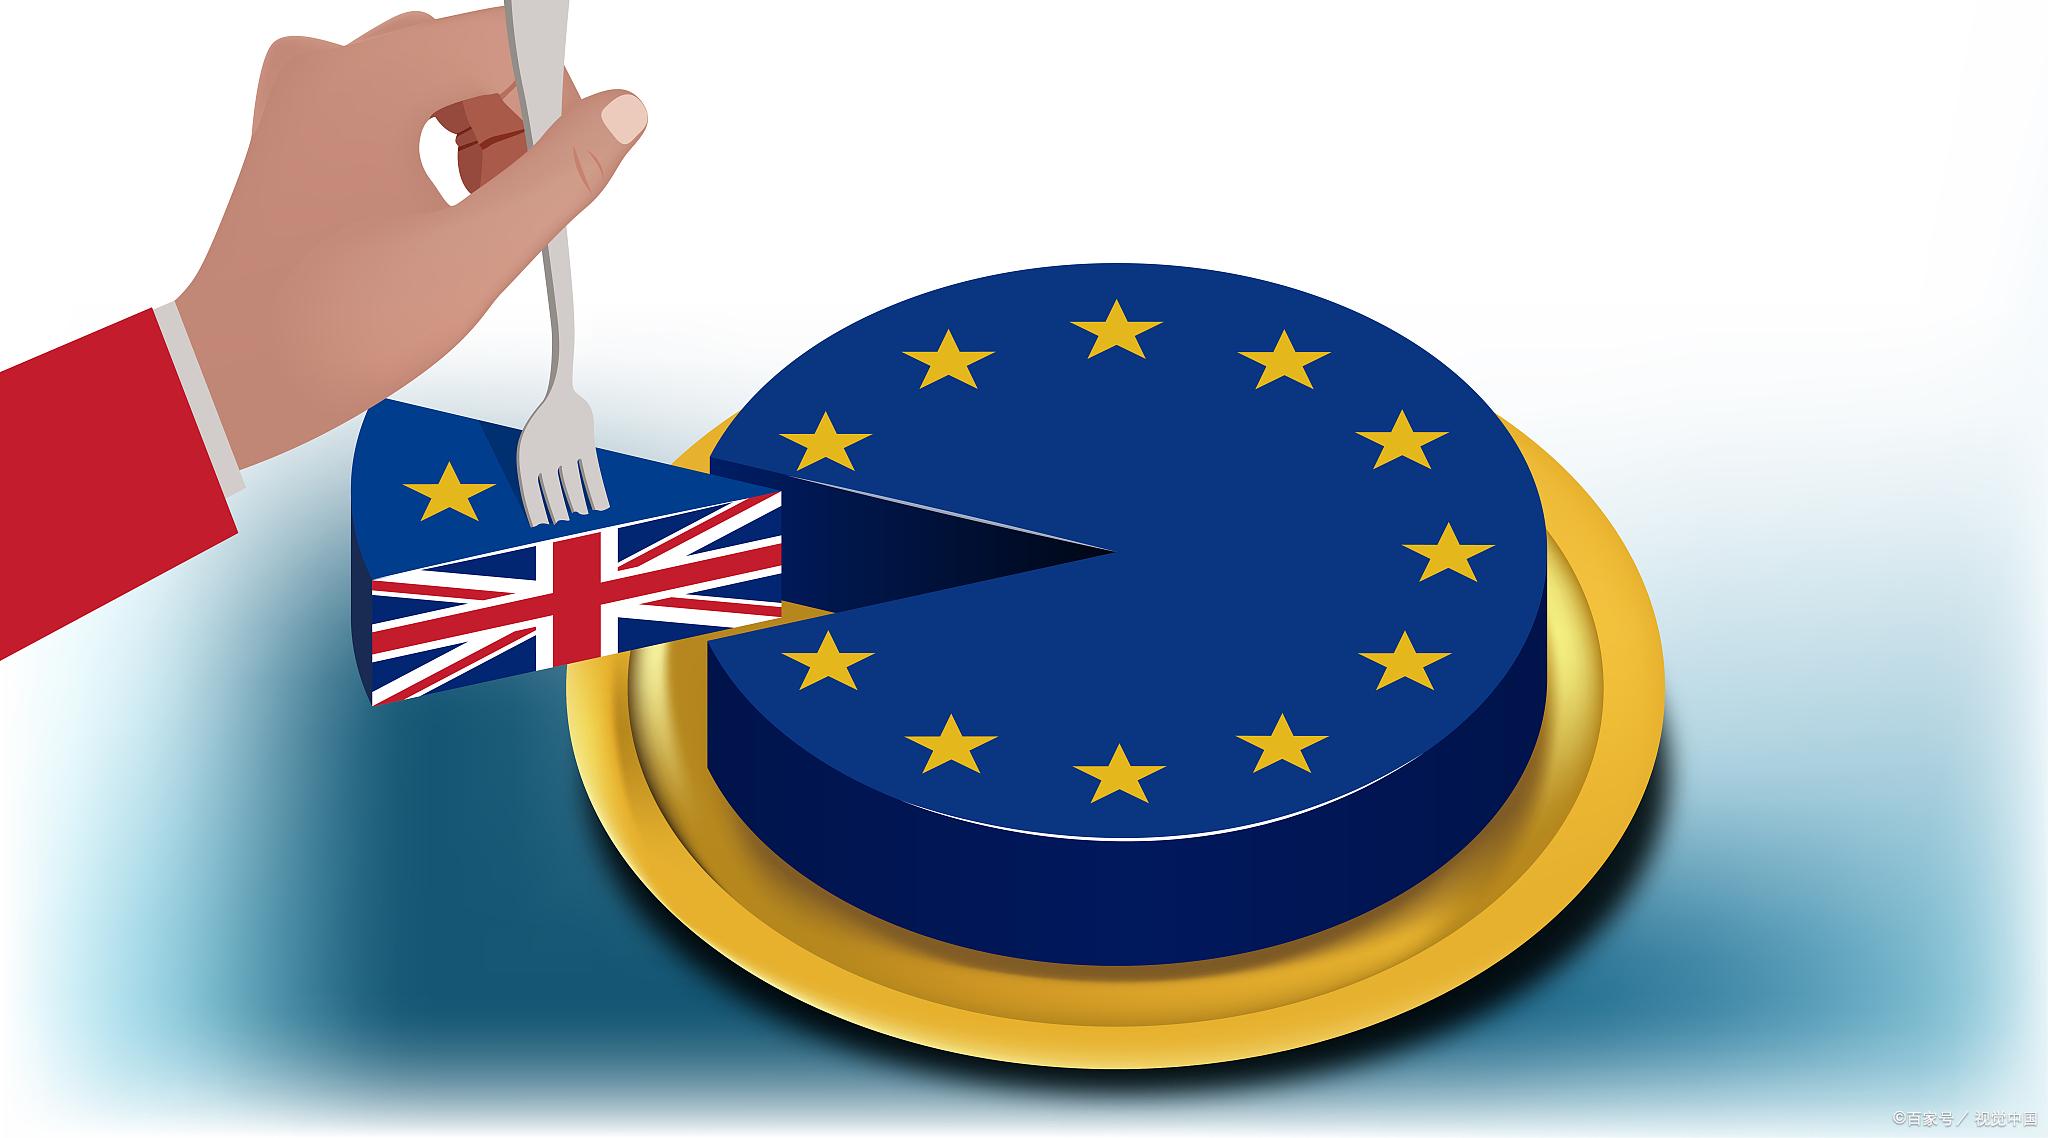 英国脱欧对于英国和欧盟双方的利与弊?